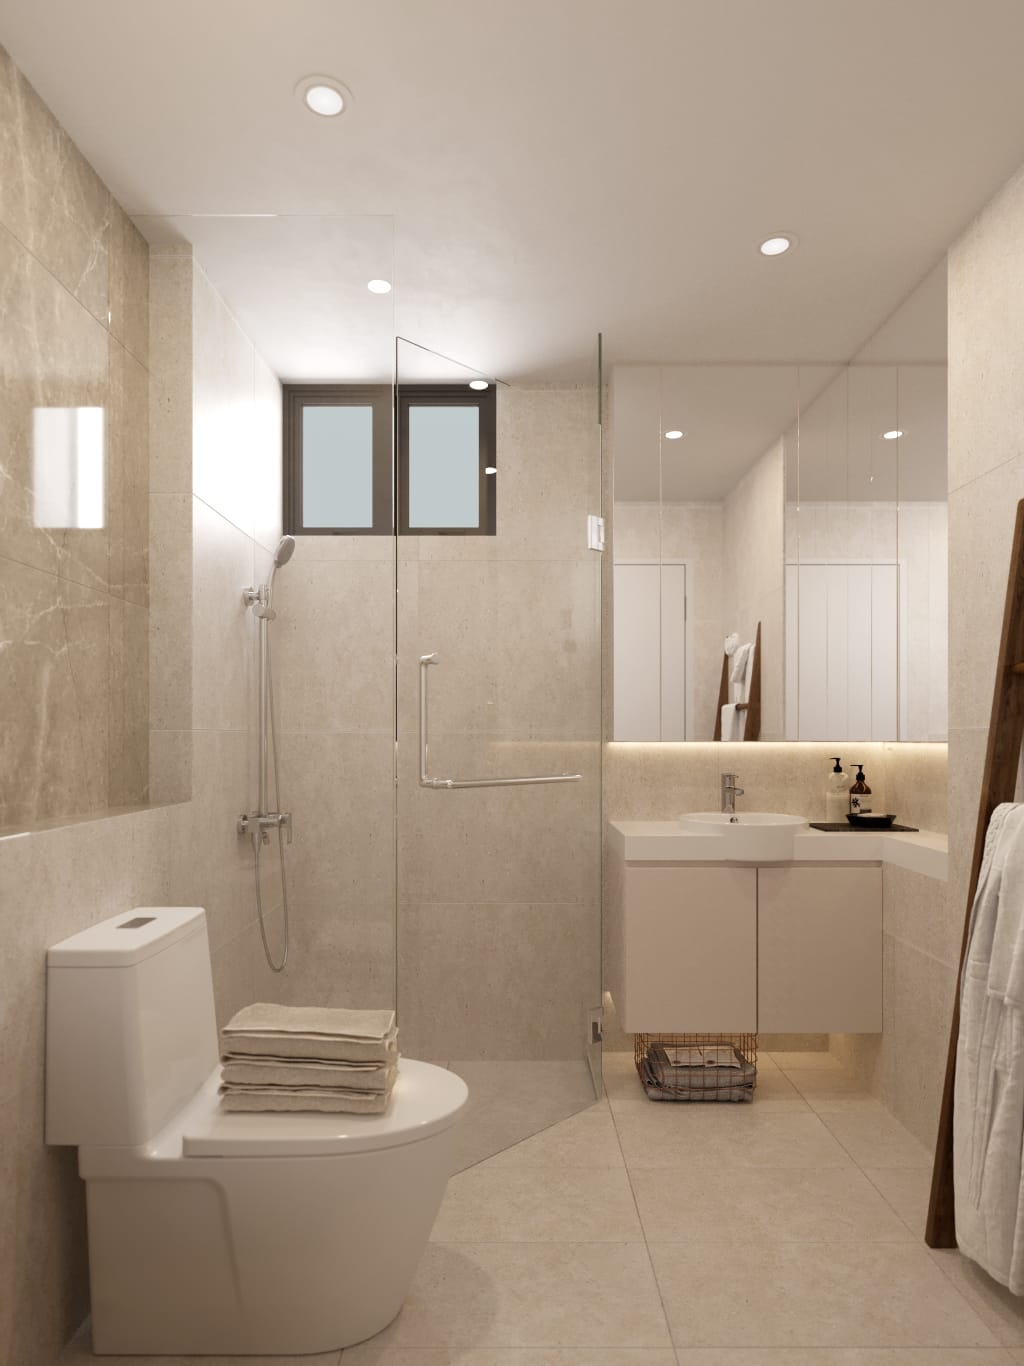 14 - Common Bathroom